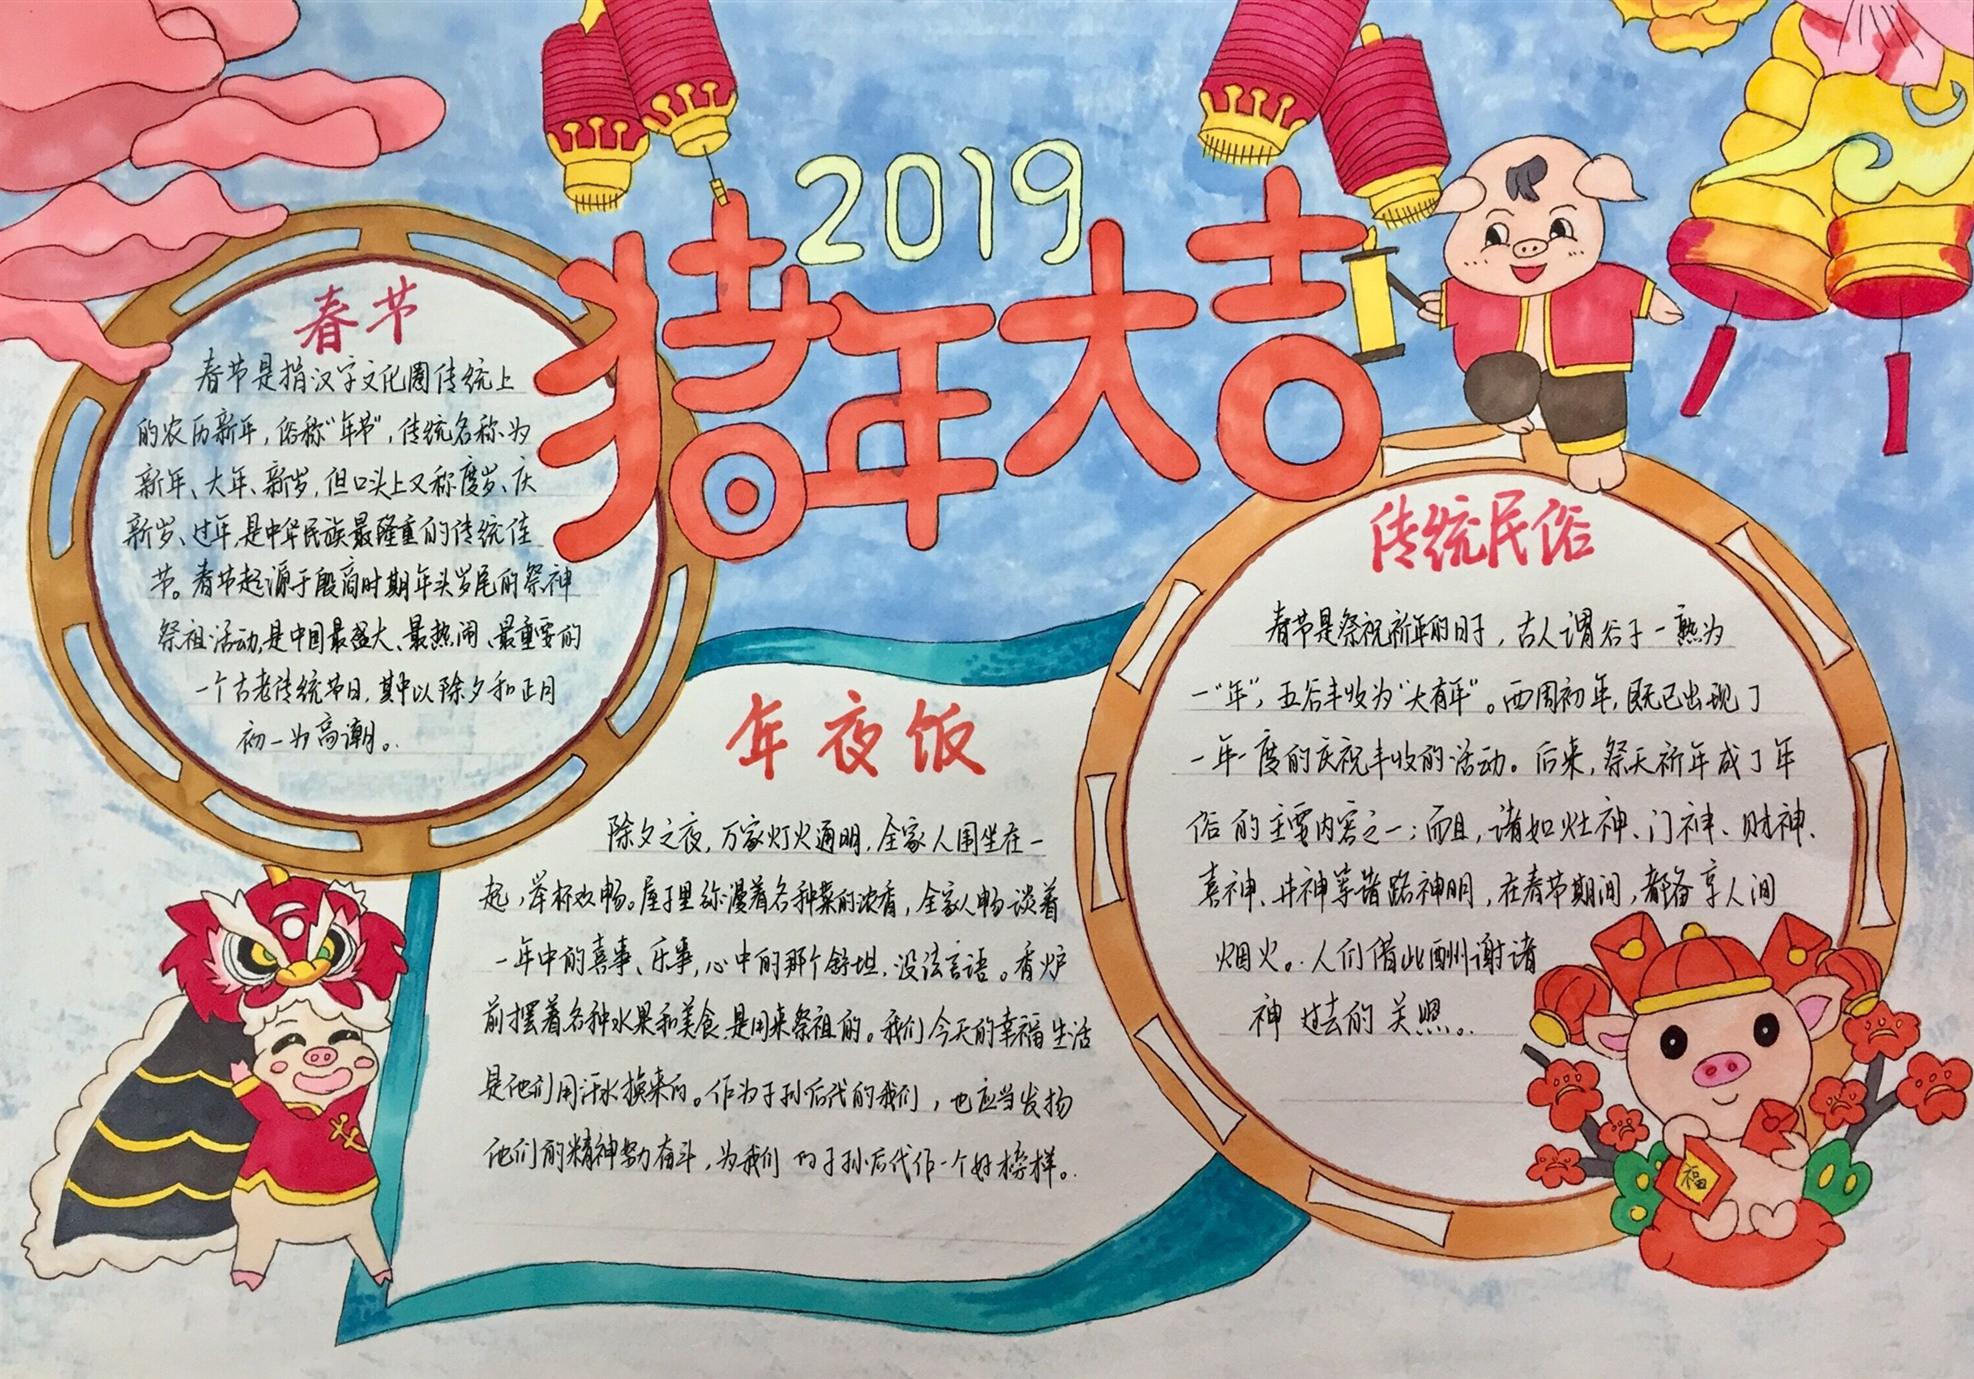 三等奖-龙泉驿区-刘梦颖